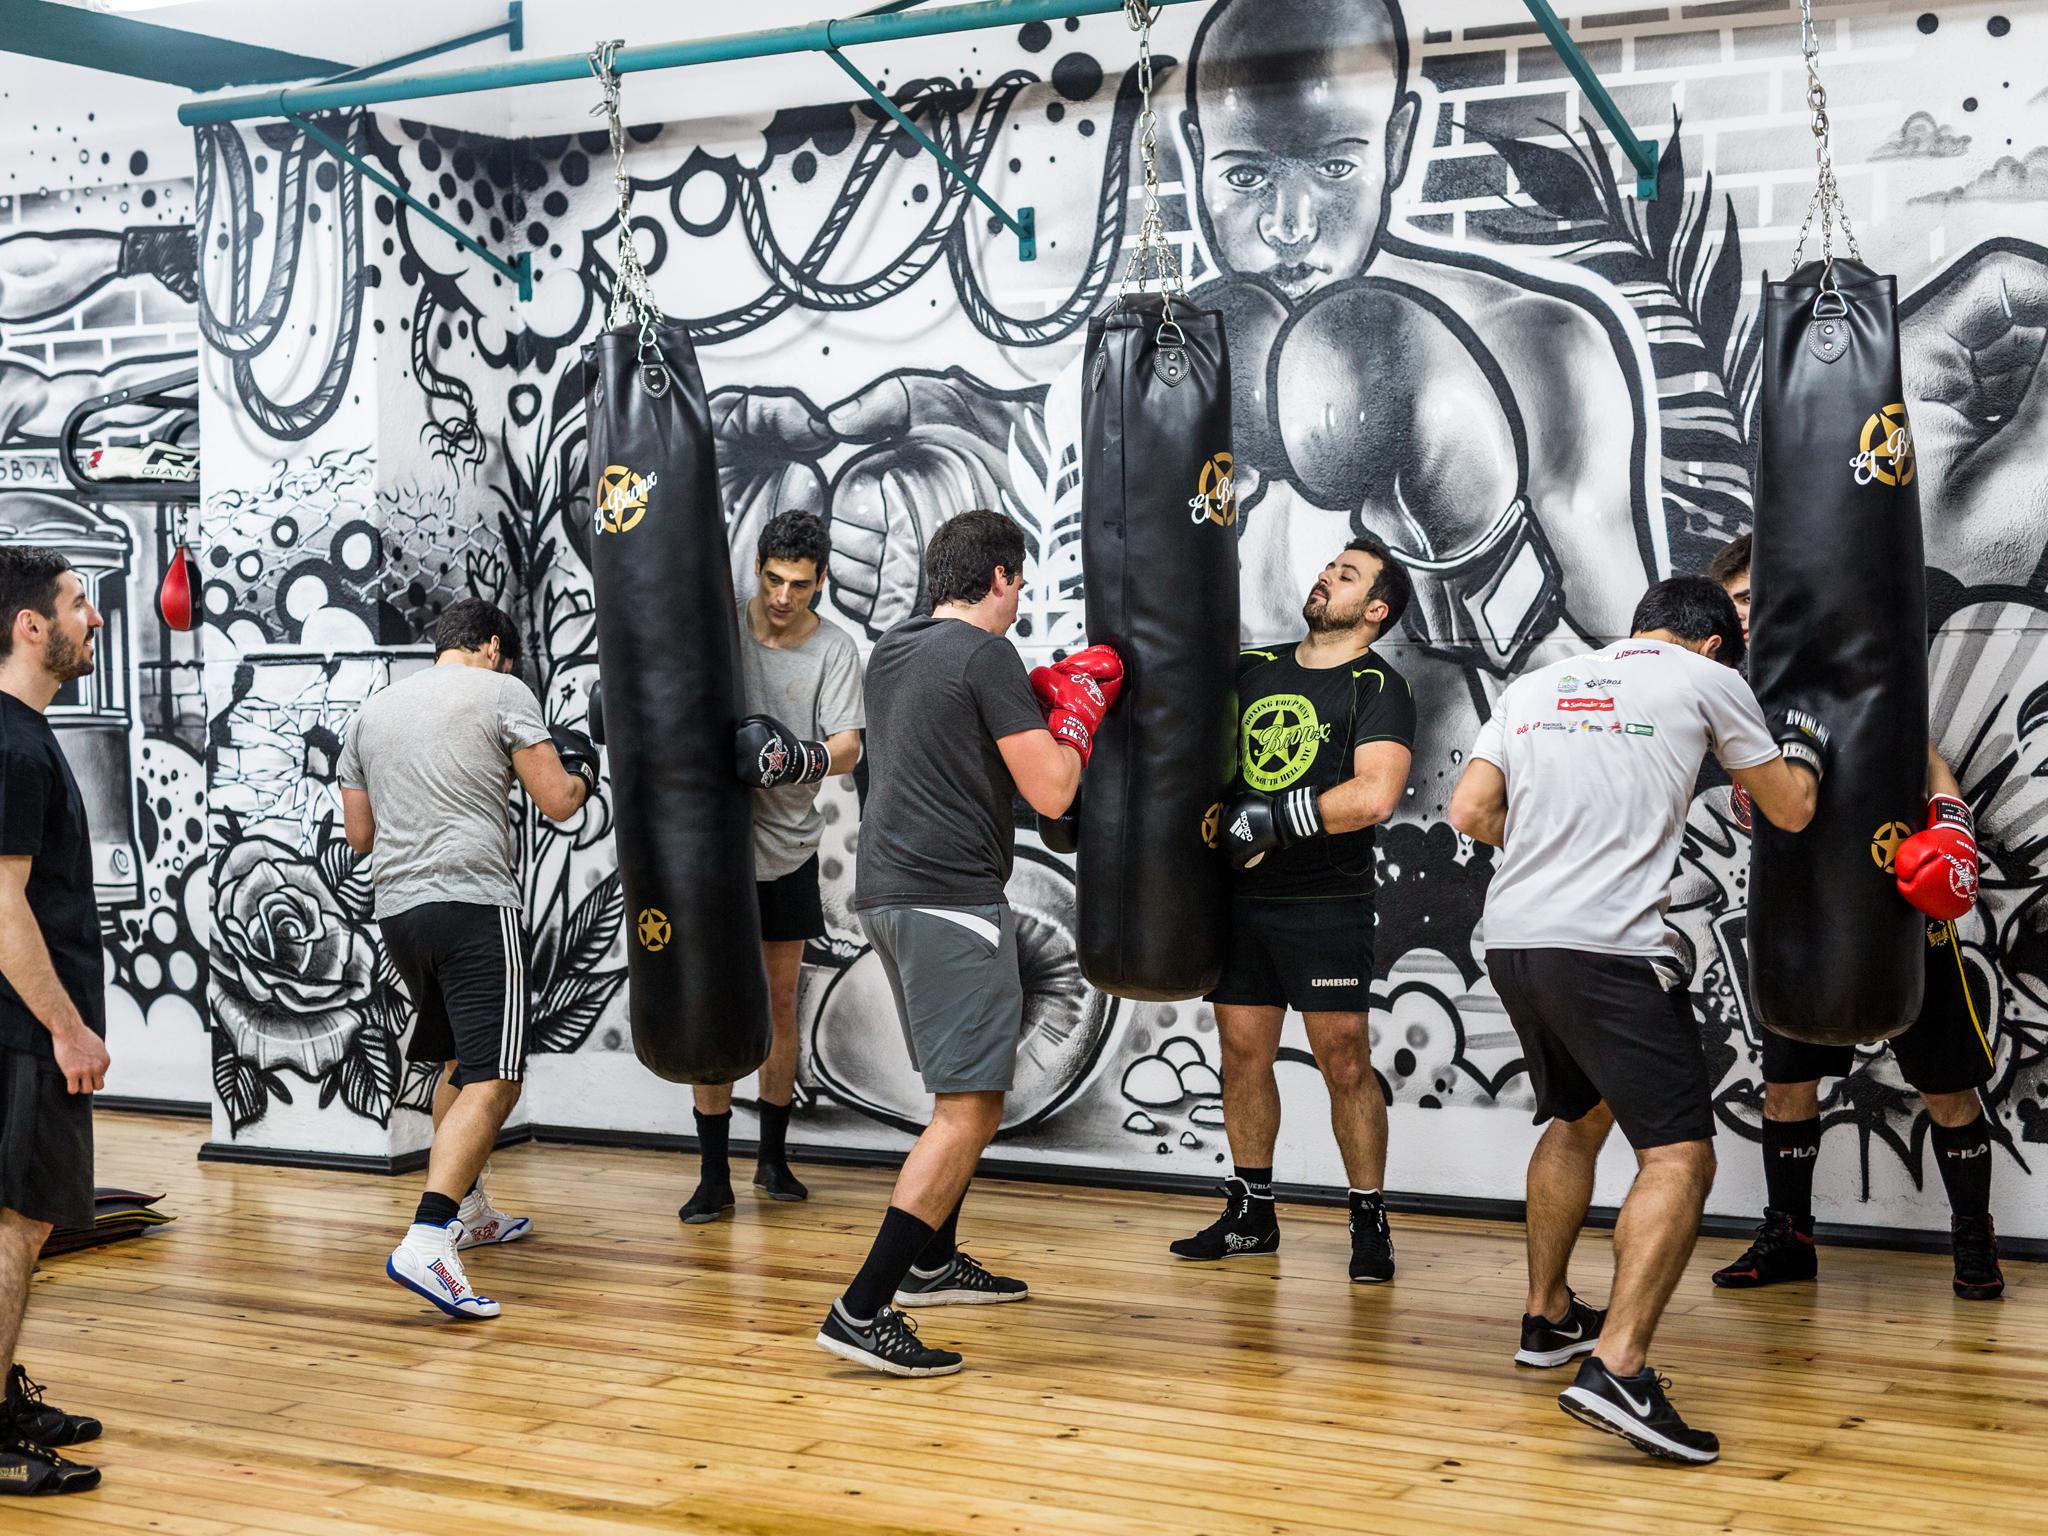 Aulas de boxe em Lisboa: vamos andar à pêra?